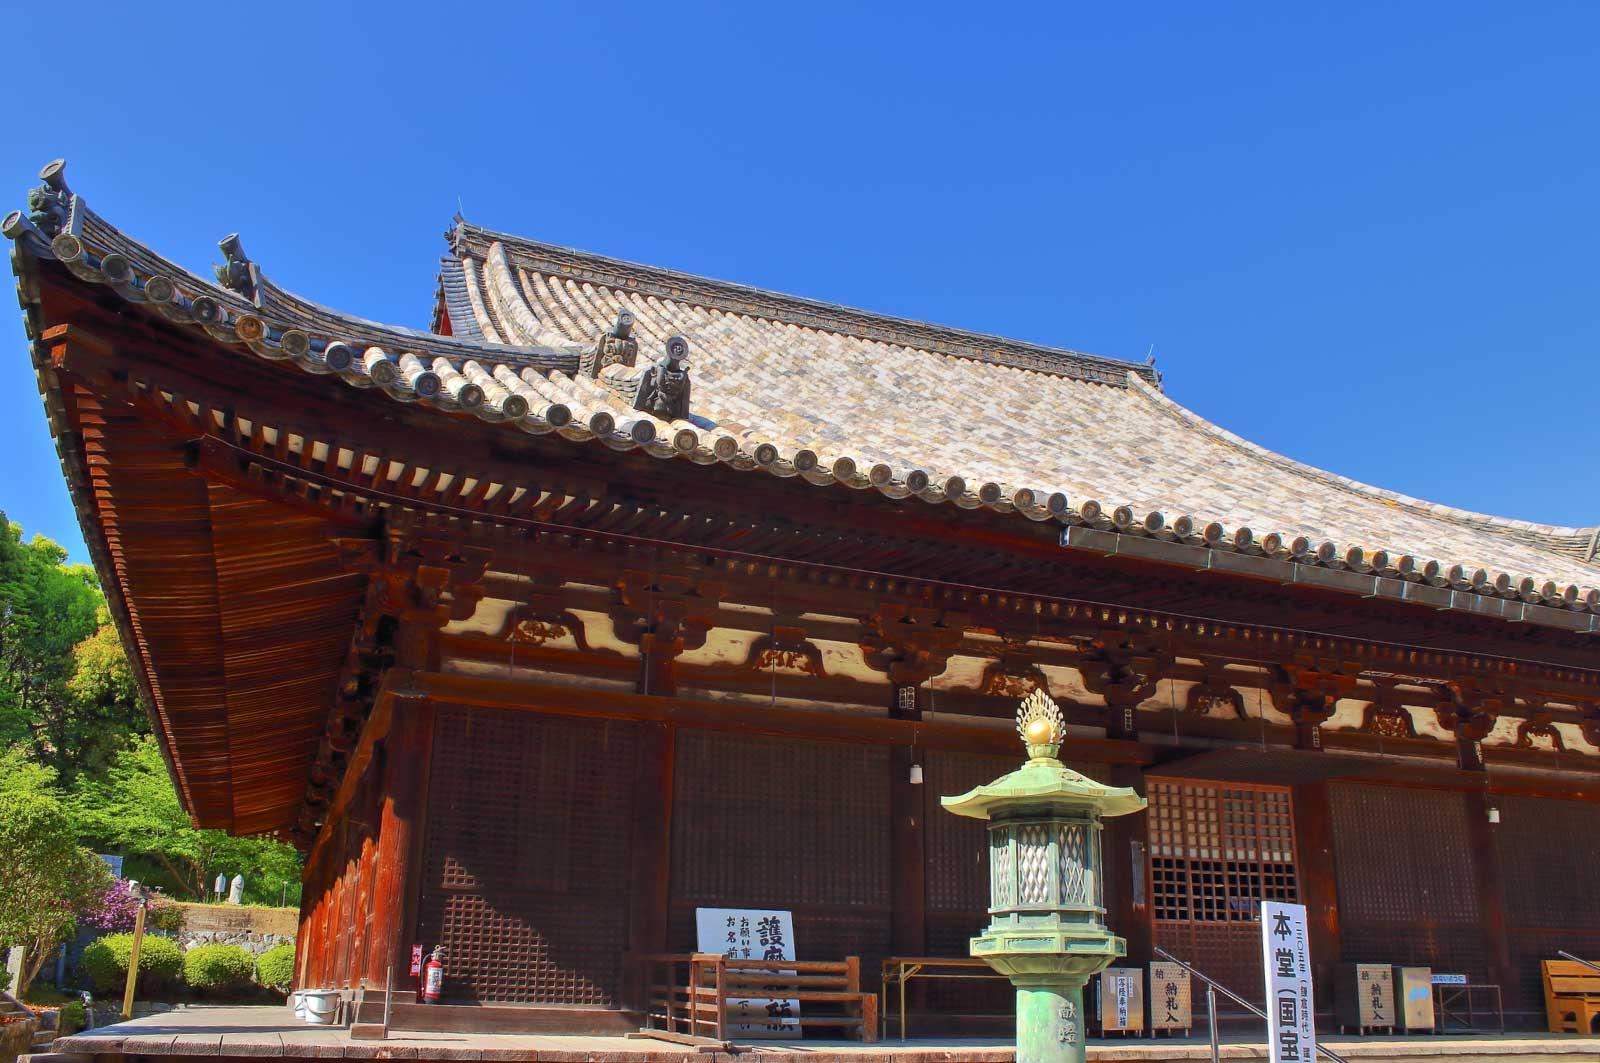 国宝に指定されている太山寺の本堂